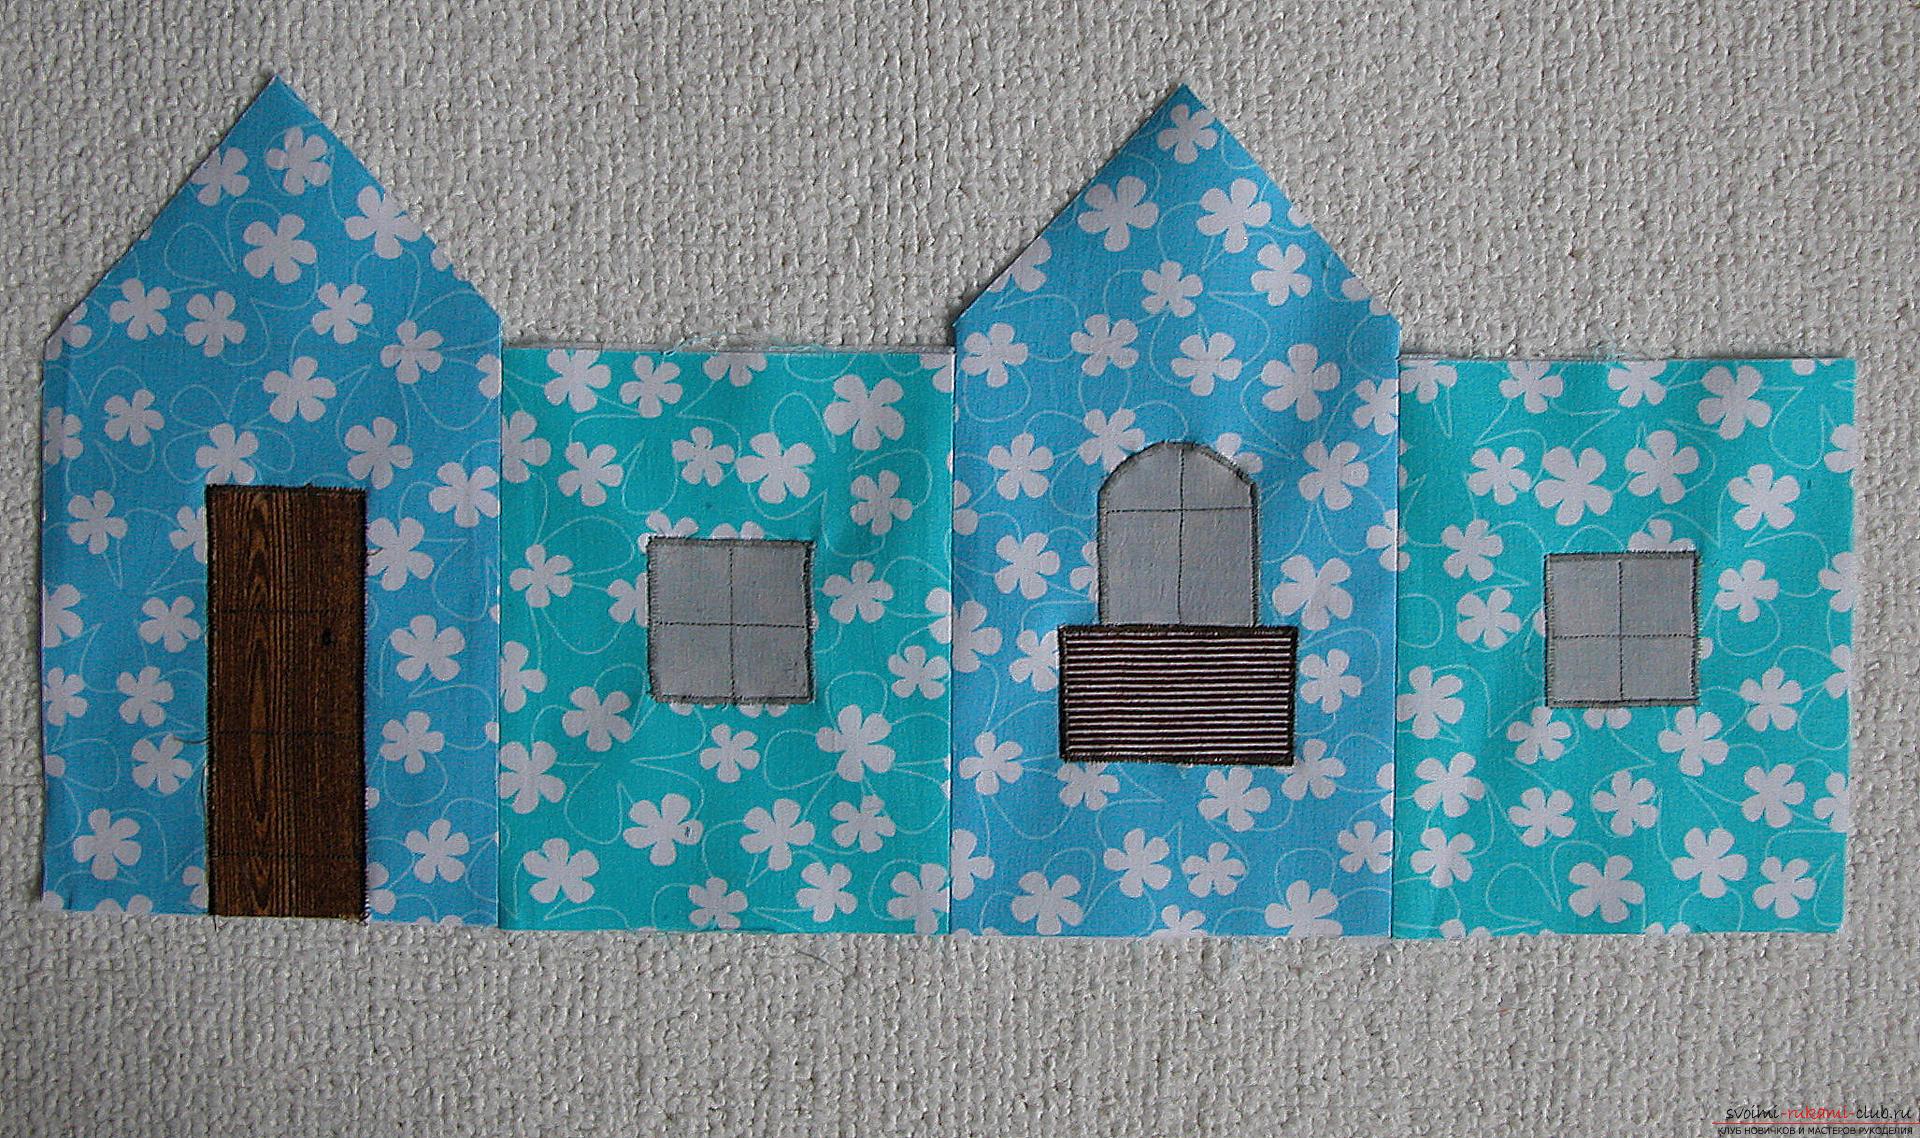 Мастер-класс - делаем текстильный функциональный домик своими руками. Фото №8